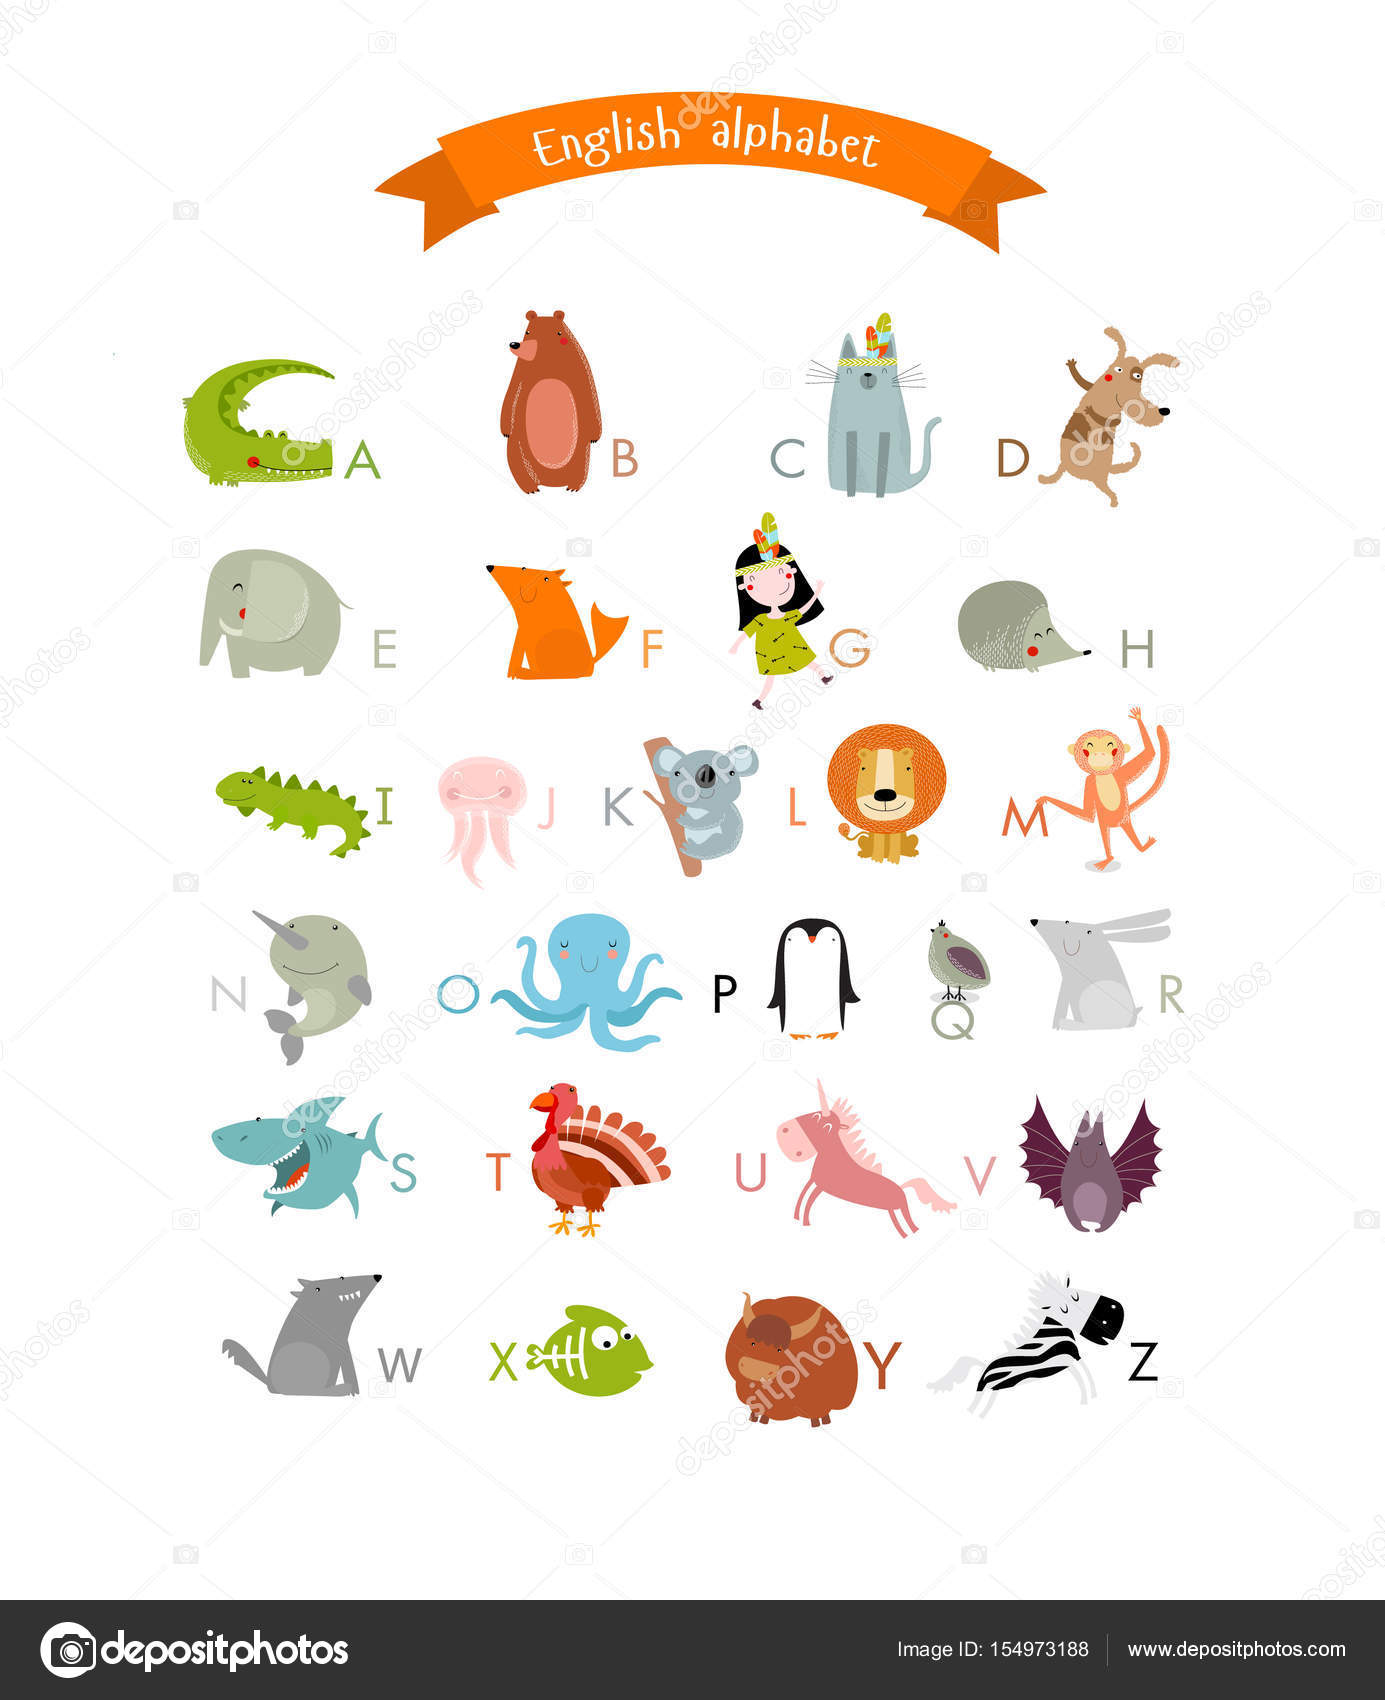 かわいい動物と子供たちの英語のアルファベットをベクトル ストック